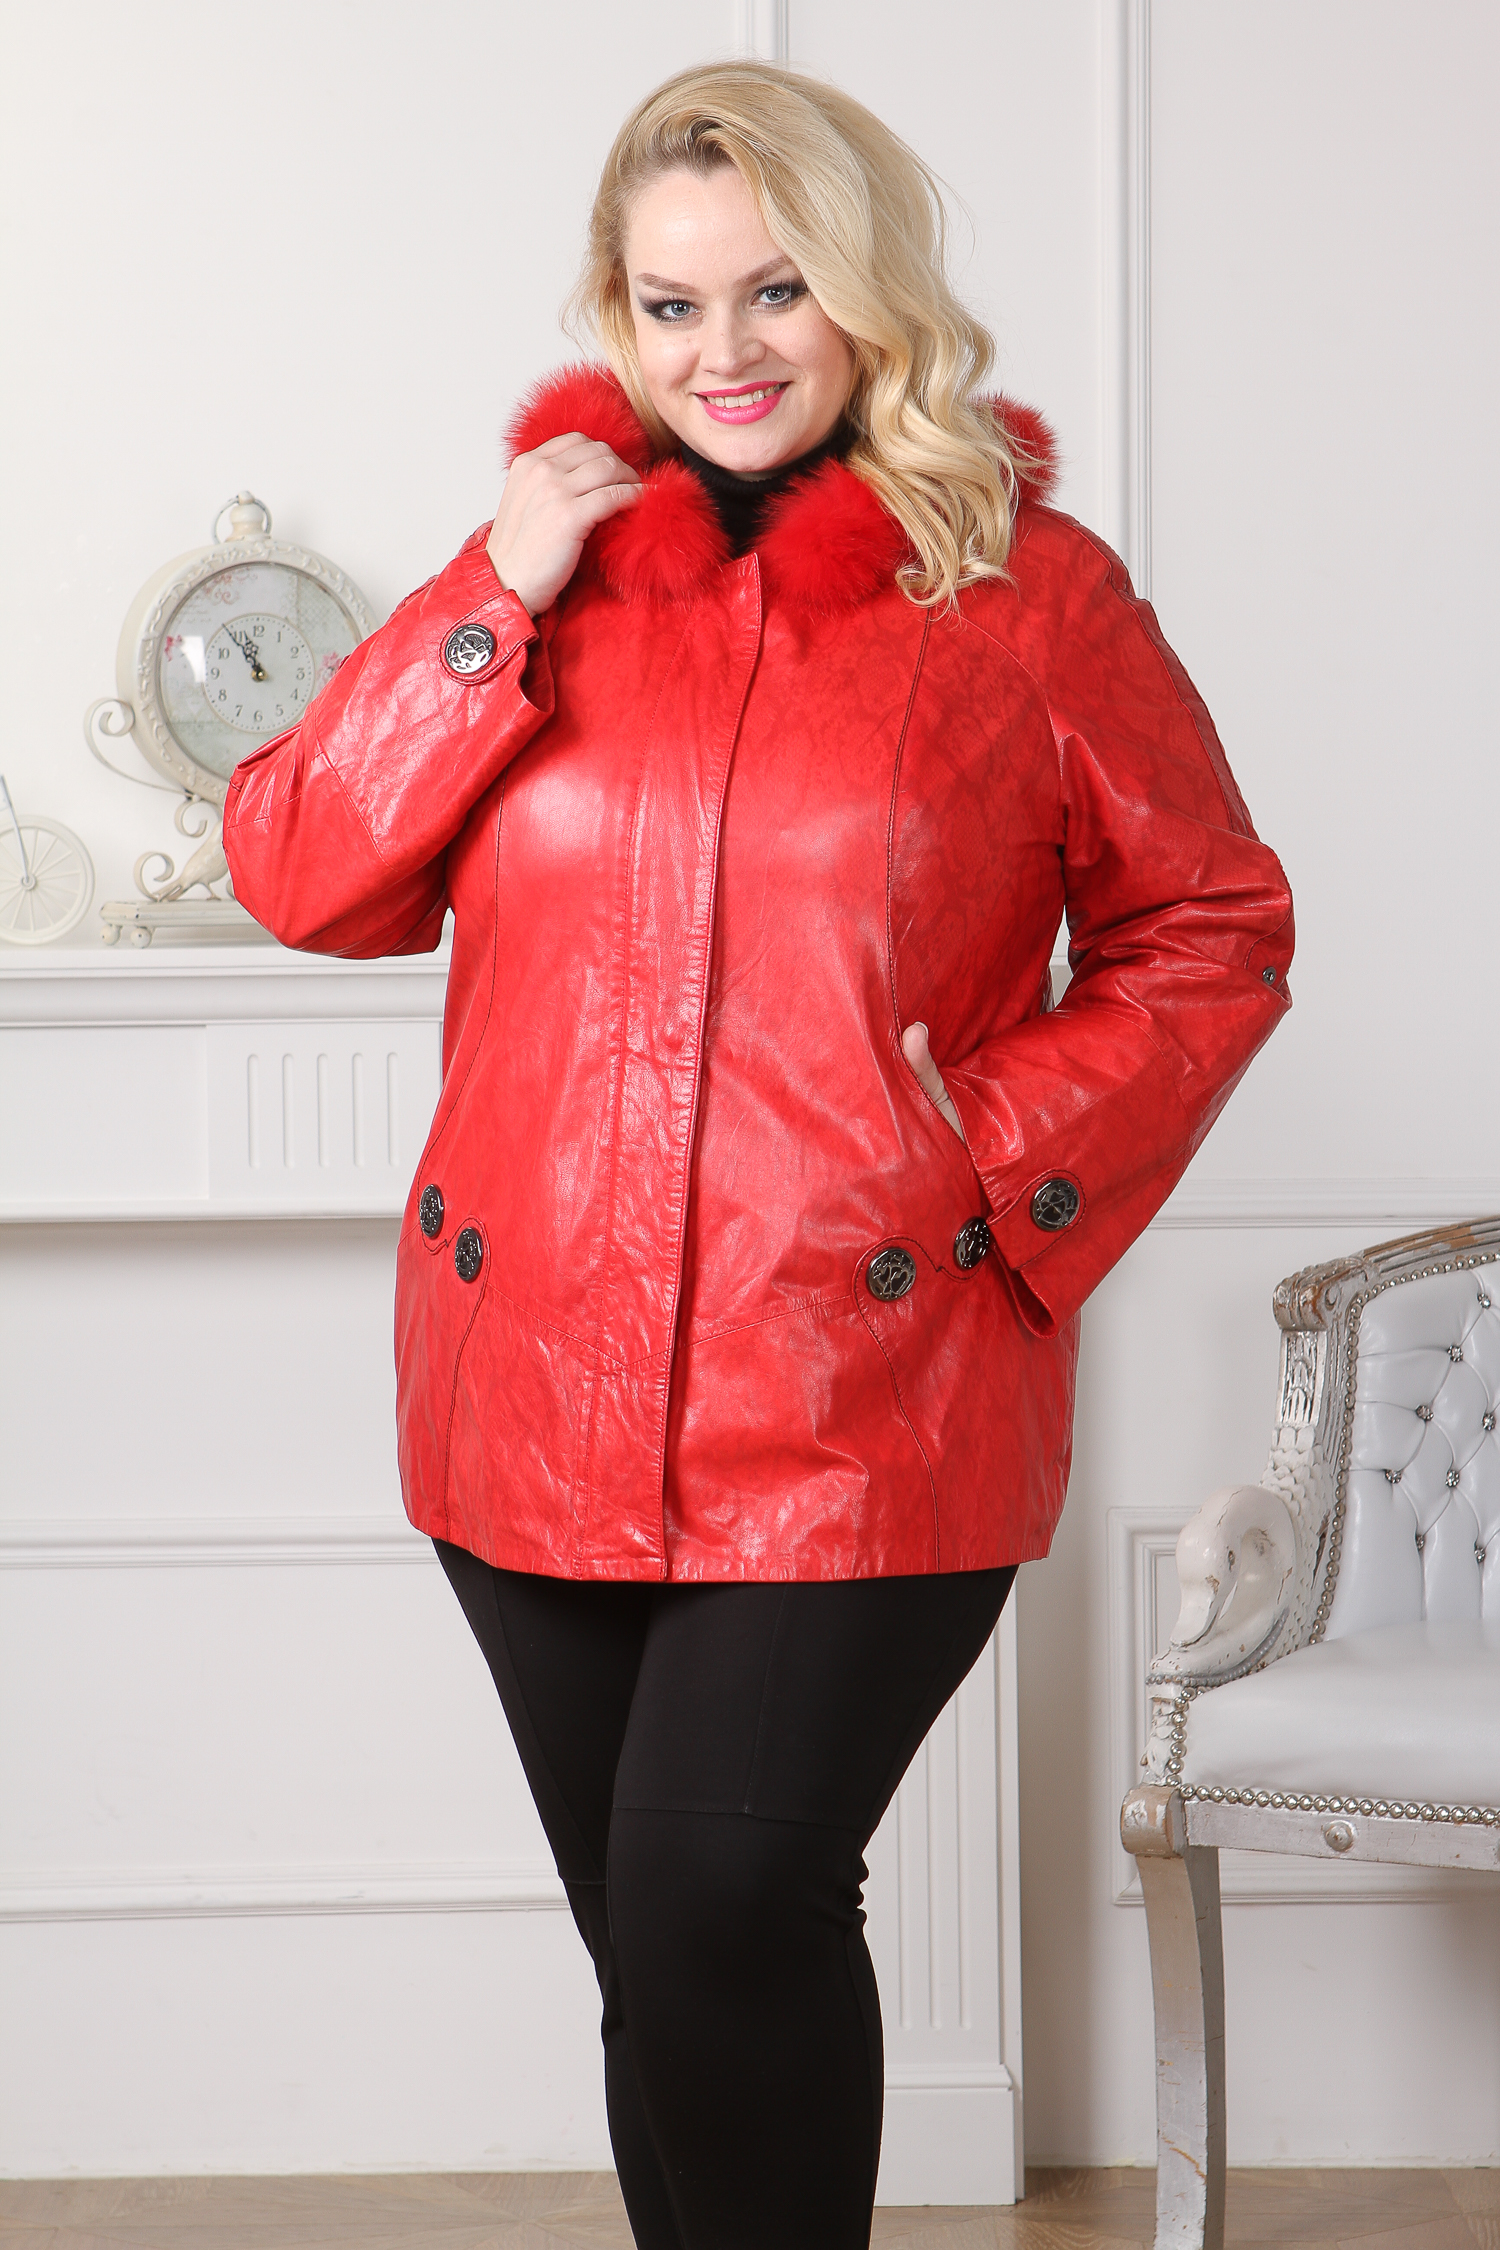 Женская кожаная куртка из натуральной кожи с капюшоном, отделка песец<br><br>Воротник: капюшон<br>Длина см: Средняя (75-89 )<br>Материал: Кожа овчина<br>Цвет: красный<br>Вид застежки: центральная<br>Застежка: на молнии<br>Пол: Женский<br>Размер RU: 56